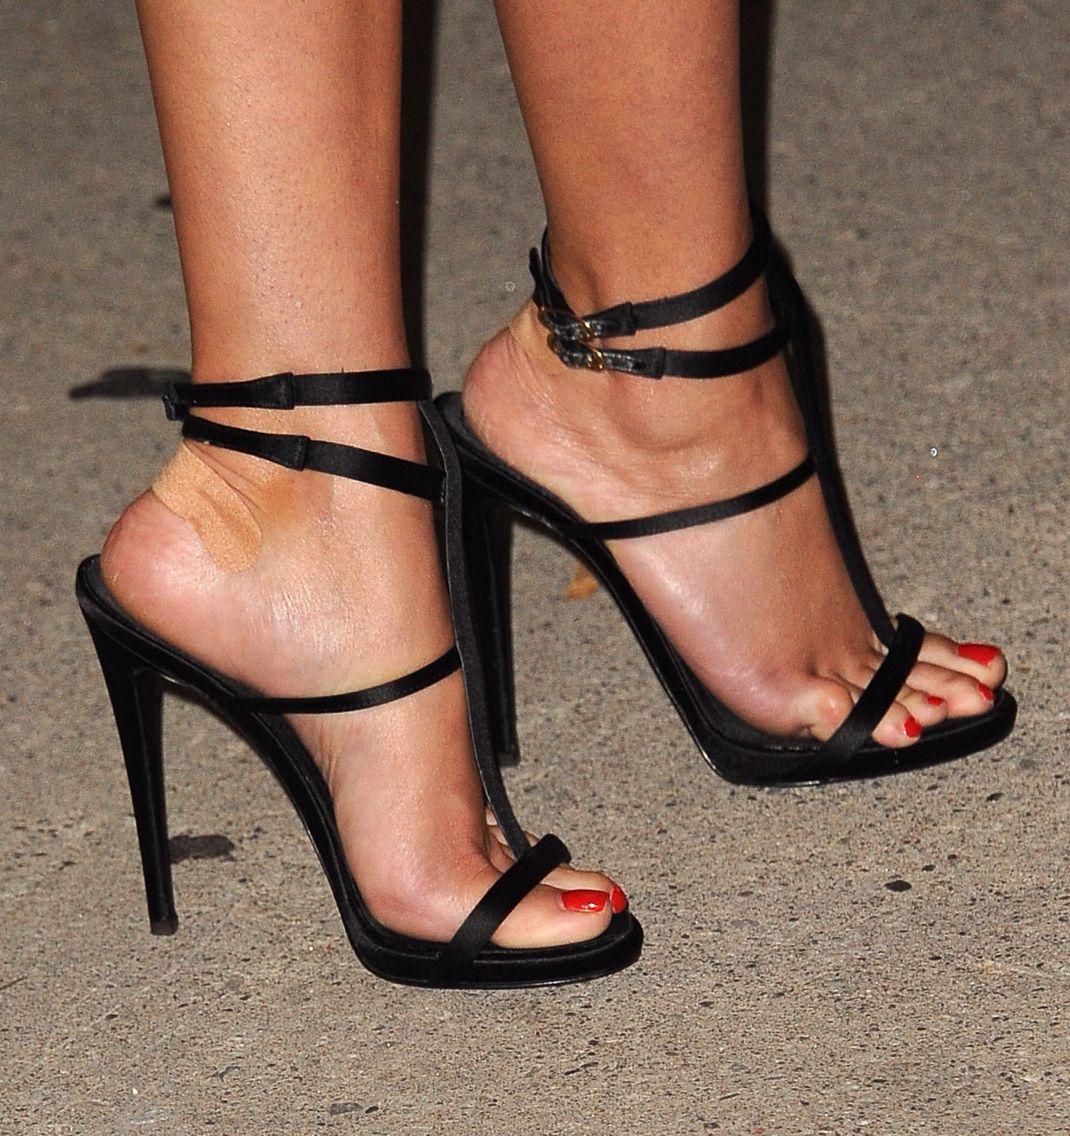 high heels porno promipornos